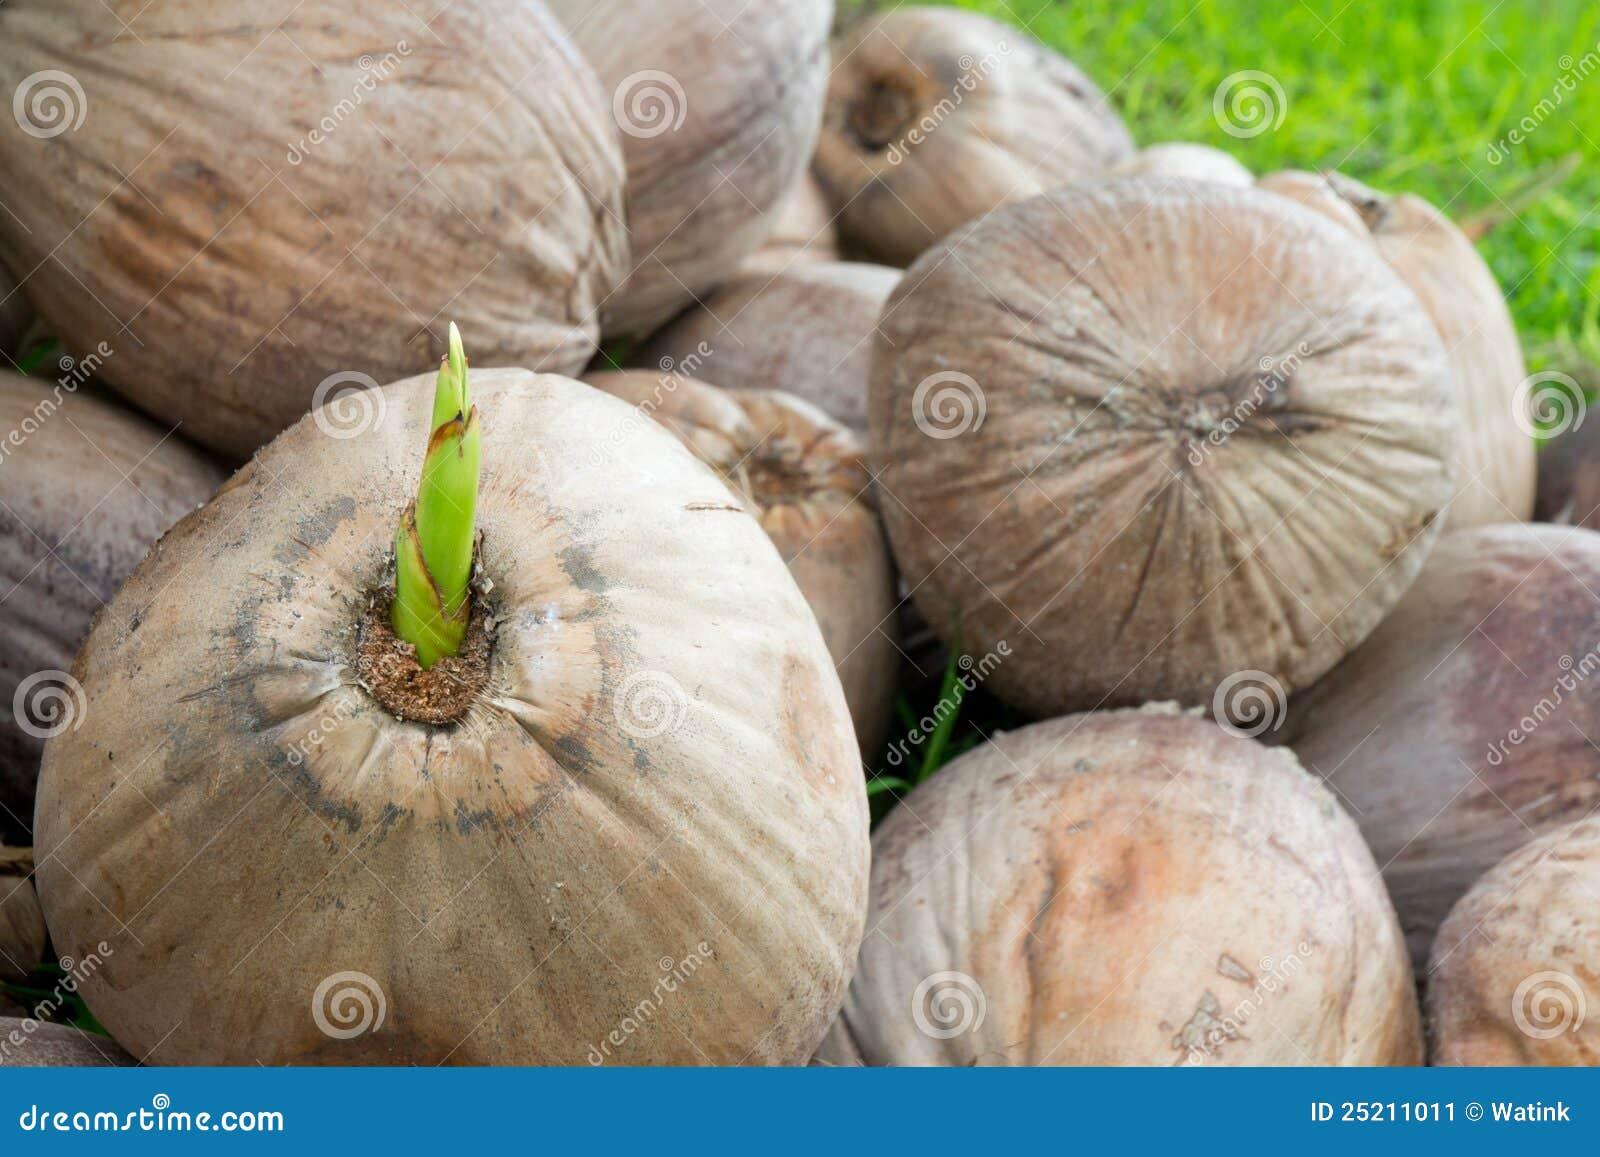 Giovane pianta della noce di cocco immagine stock for Pianta di cocco